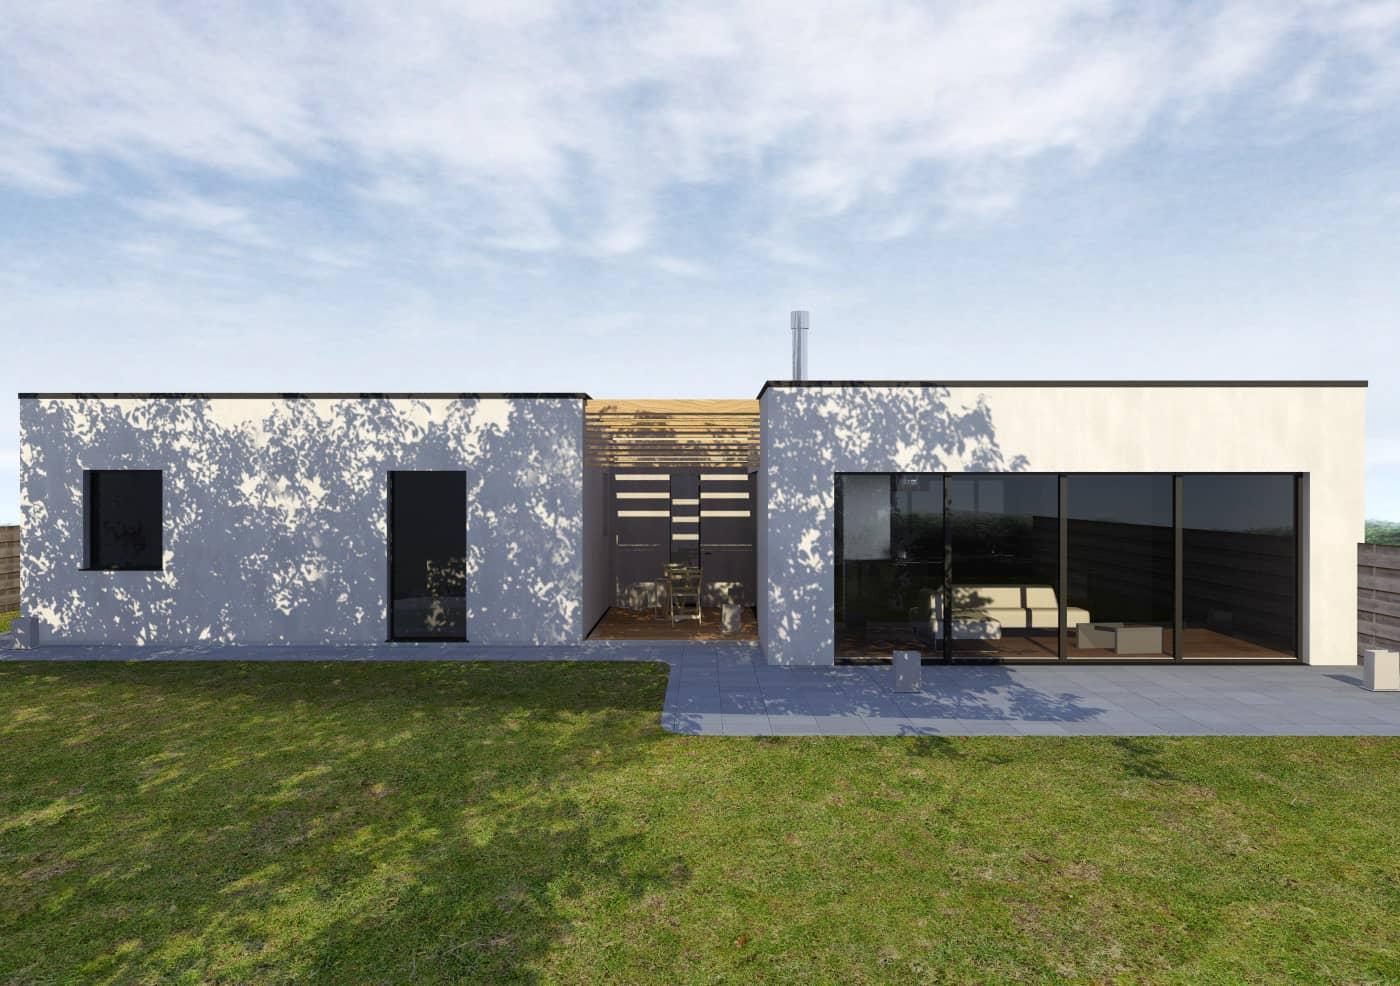 maison bbc a saint sauveur de landemont - Maison individuelle BBC à Landemont (49)